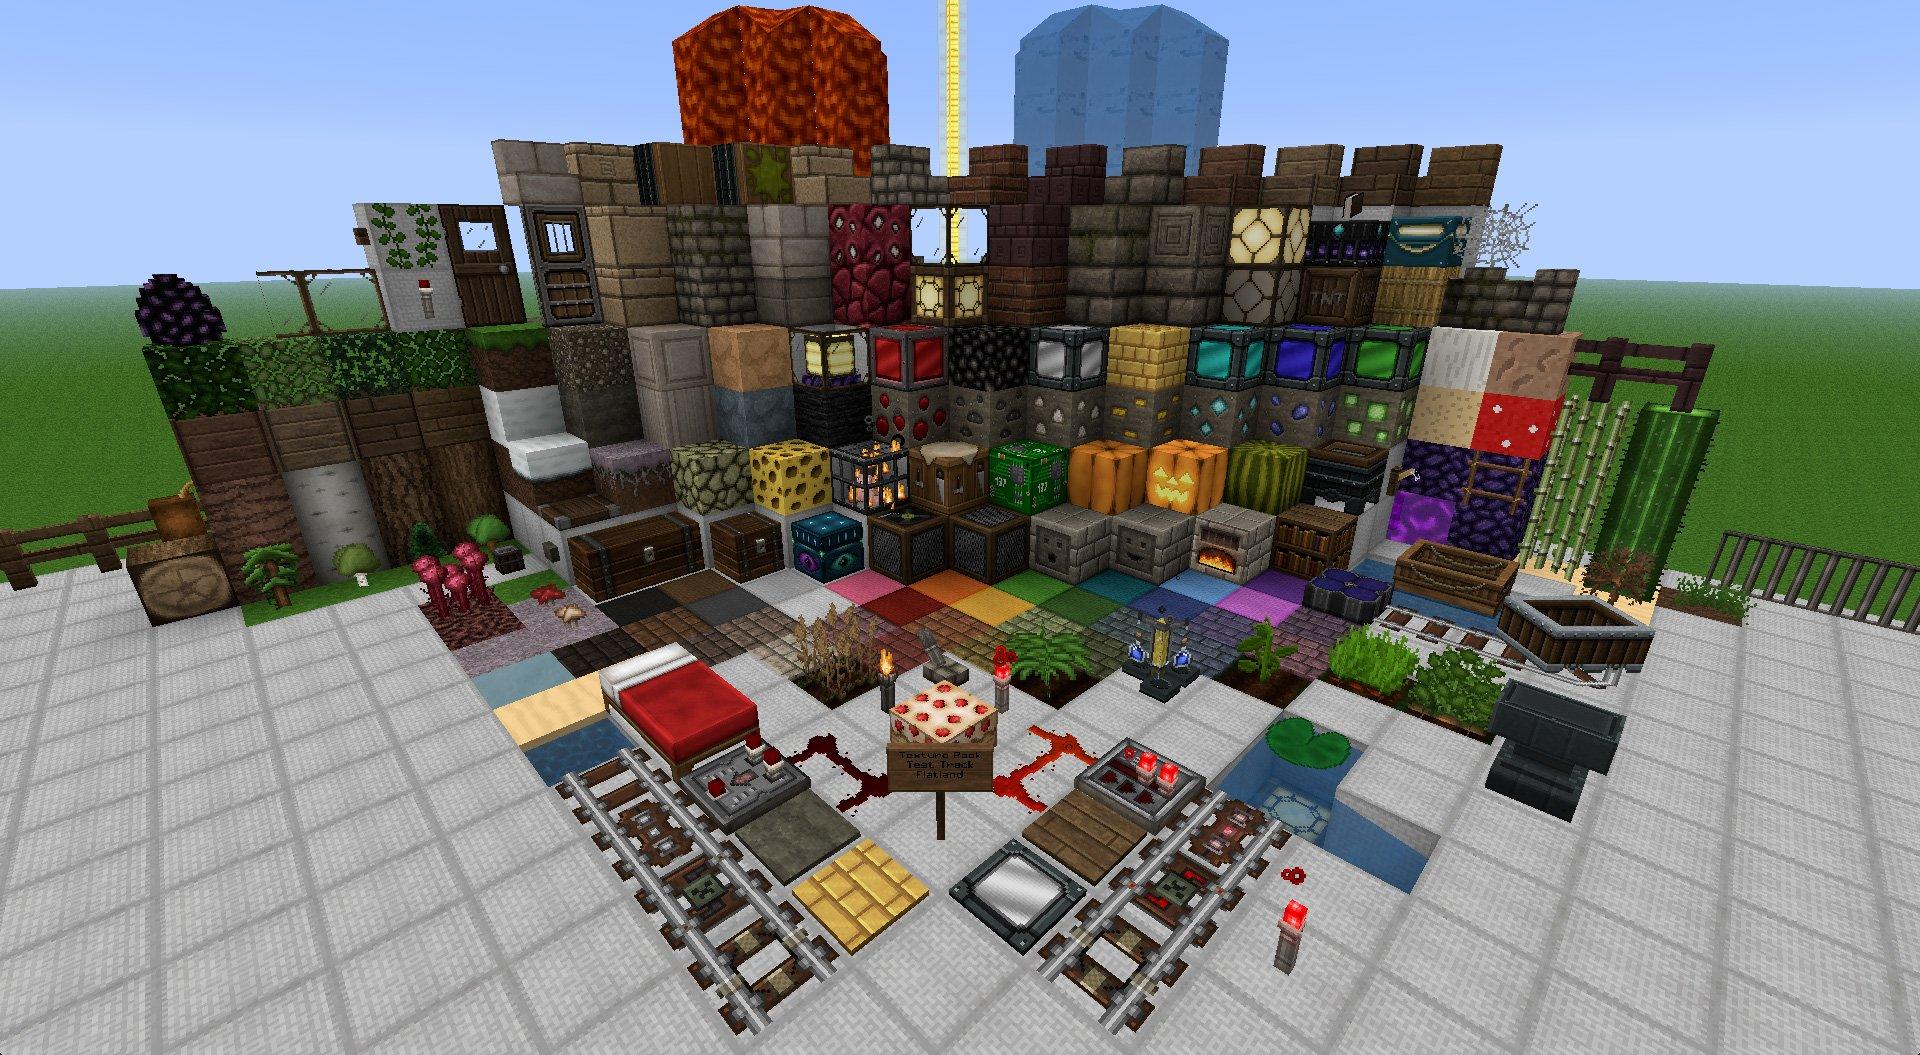 Как сделать свой ресурс пак для minecraft 1.8